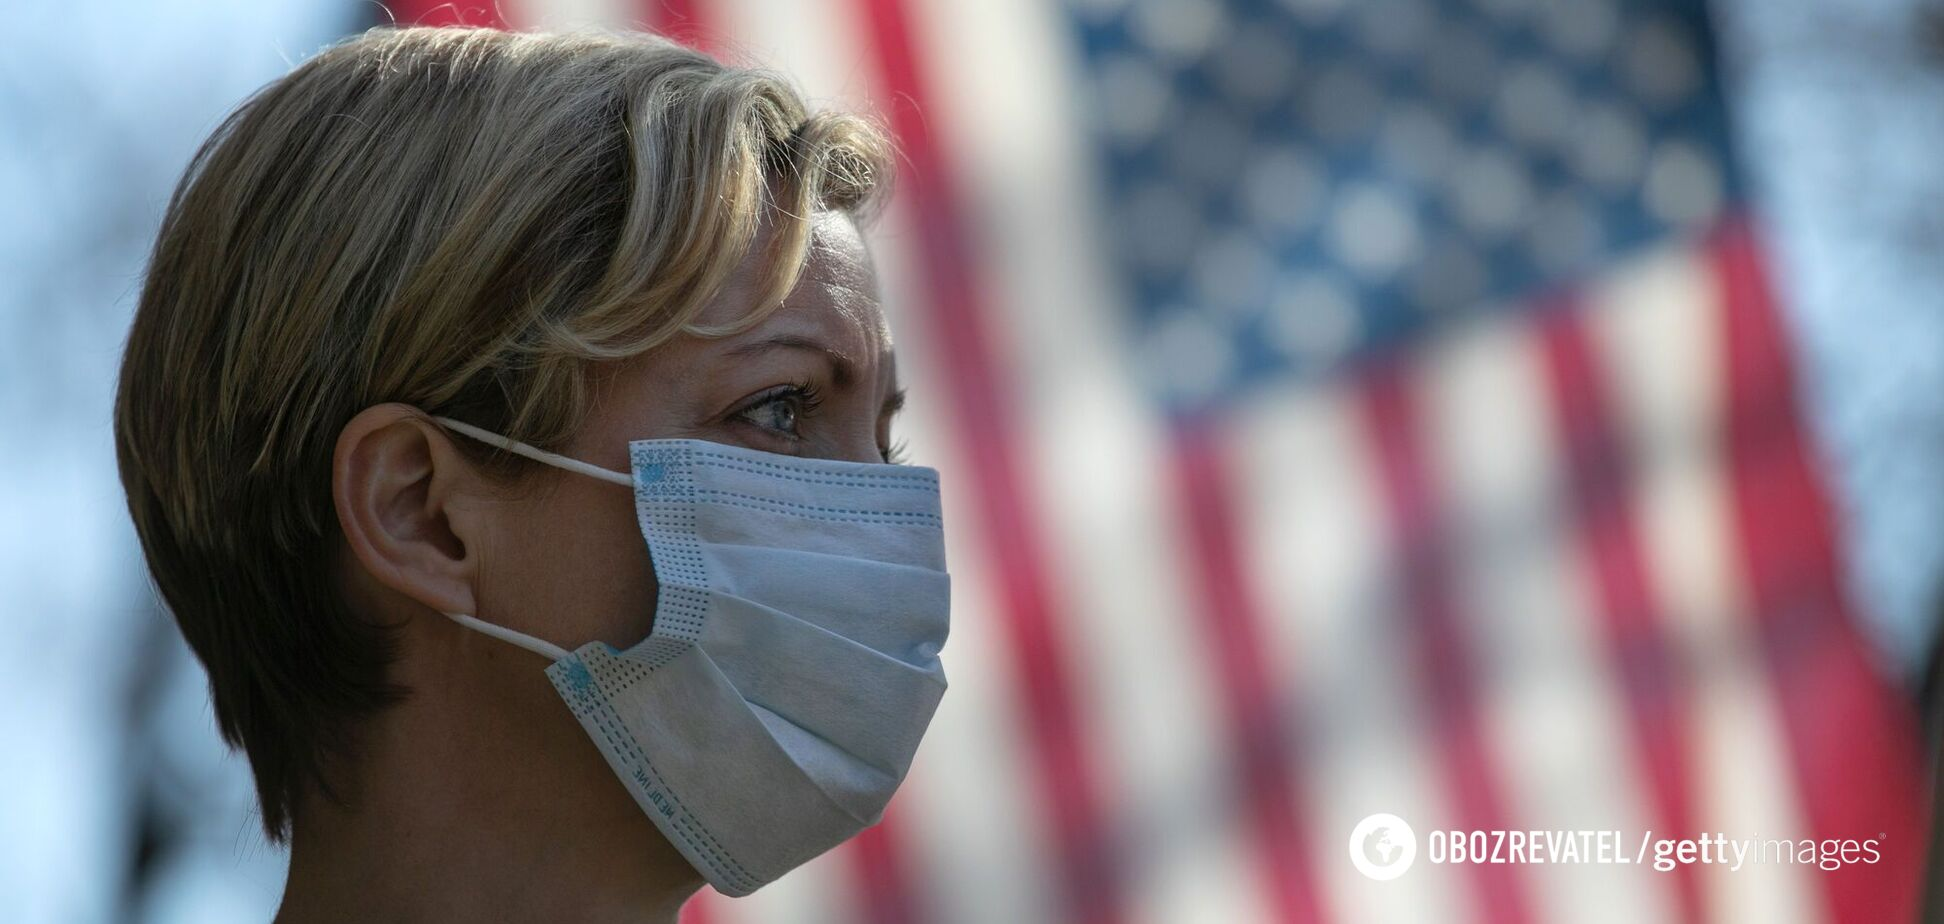 Хроніка коронавірусу в Україні та світі на 23 лютого: у США від COVID-19 померло понад 500 тисяч осіб